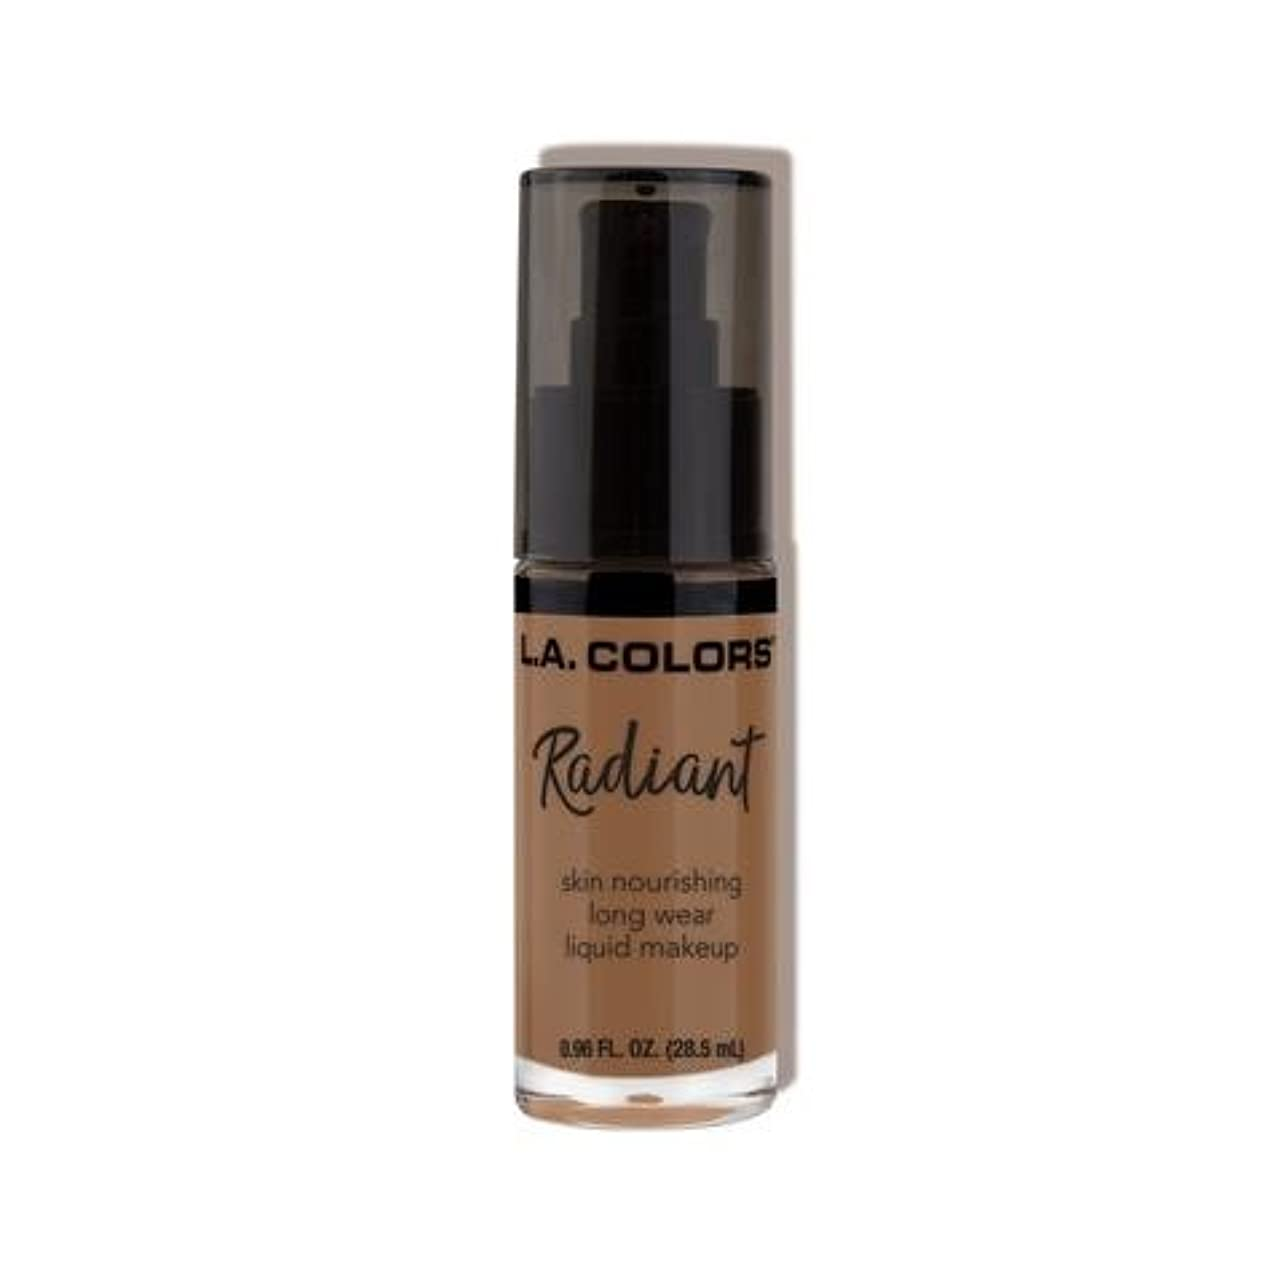 がっかりする混沌アベニュー(6 Pack) L.A. COLORS Radiant Liquid Makeup - Mocha (並行輸入品)